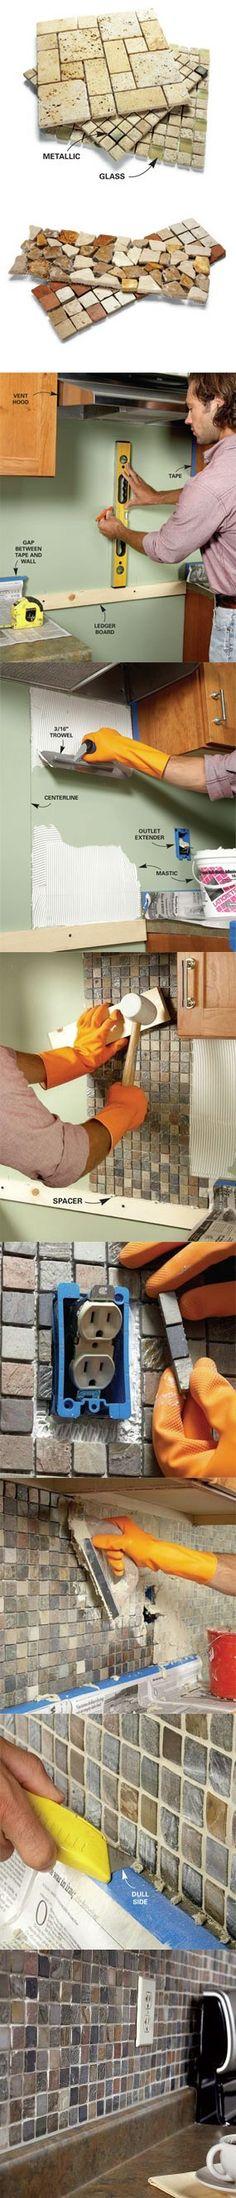 How To Do A Tile Backsplash.